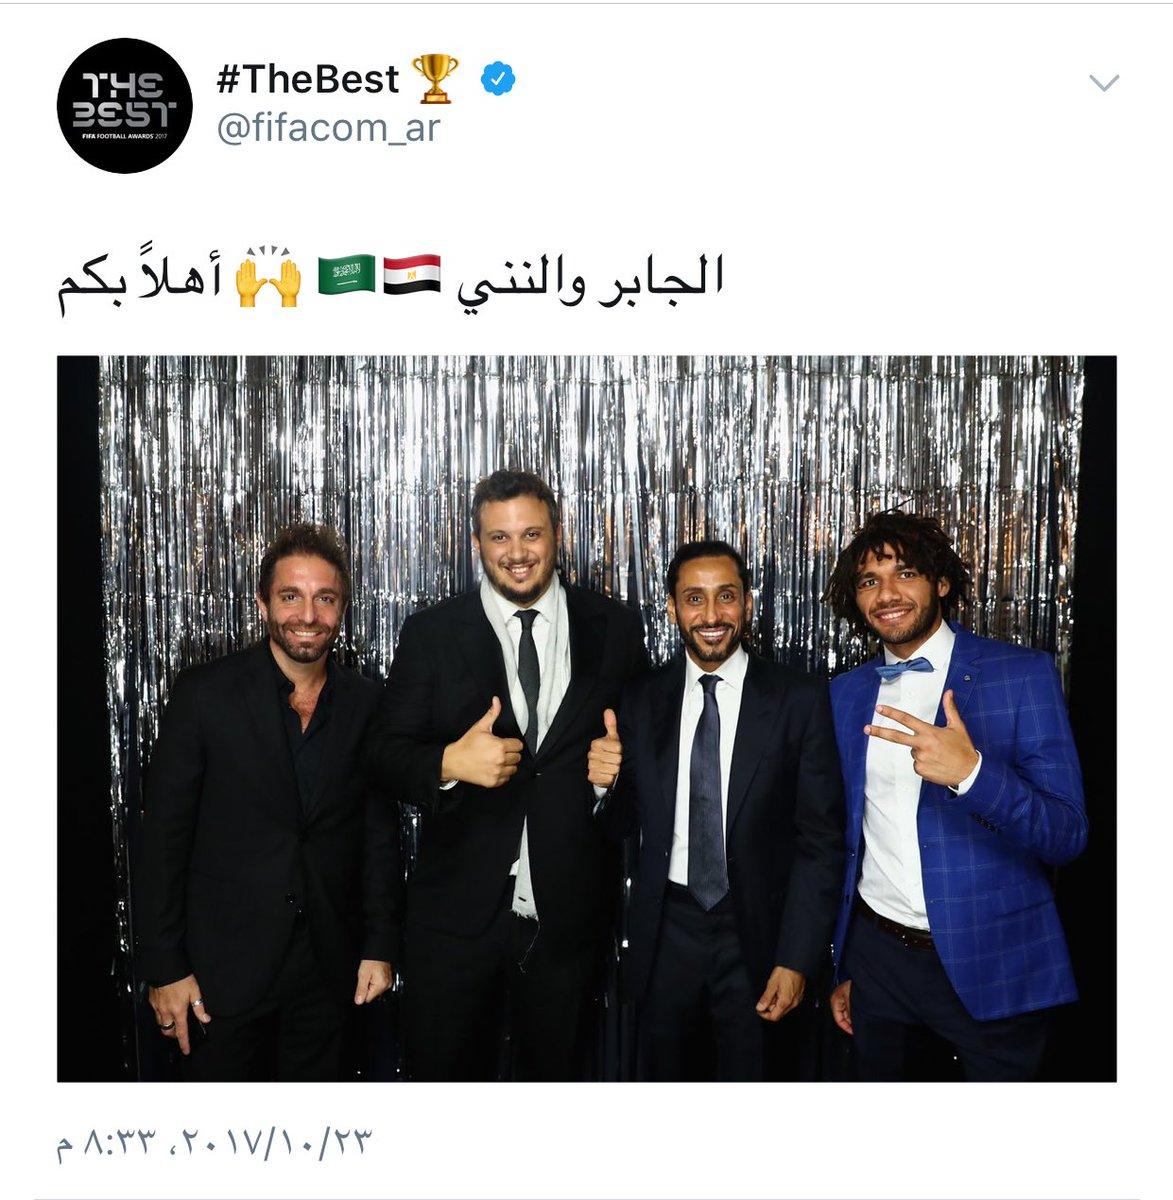 الفيفا يرحب بأسطورة #الهلال #سامي_الجابر في حفل الجوائز العالمي The Be...